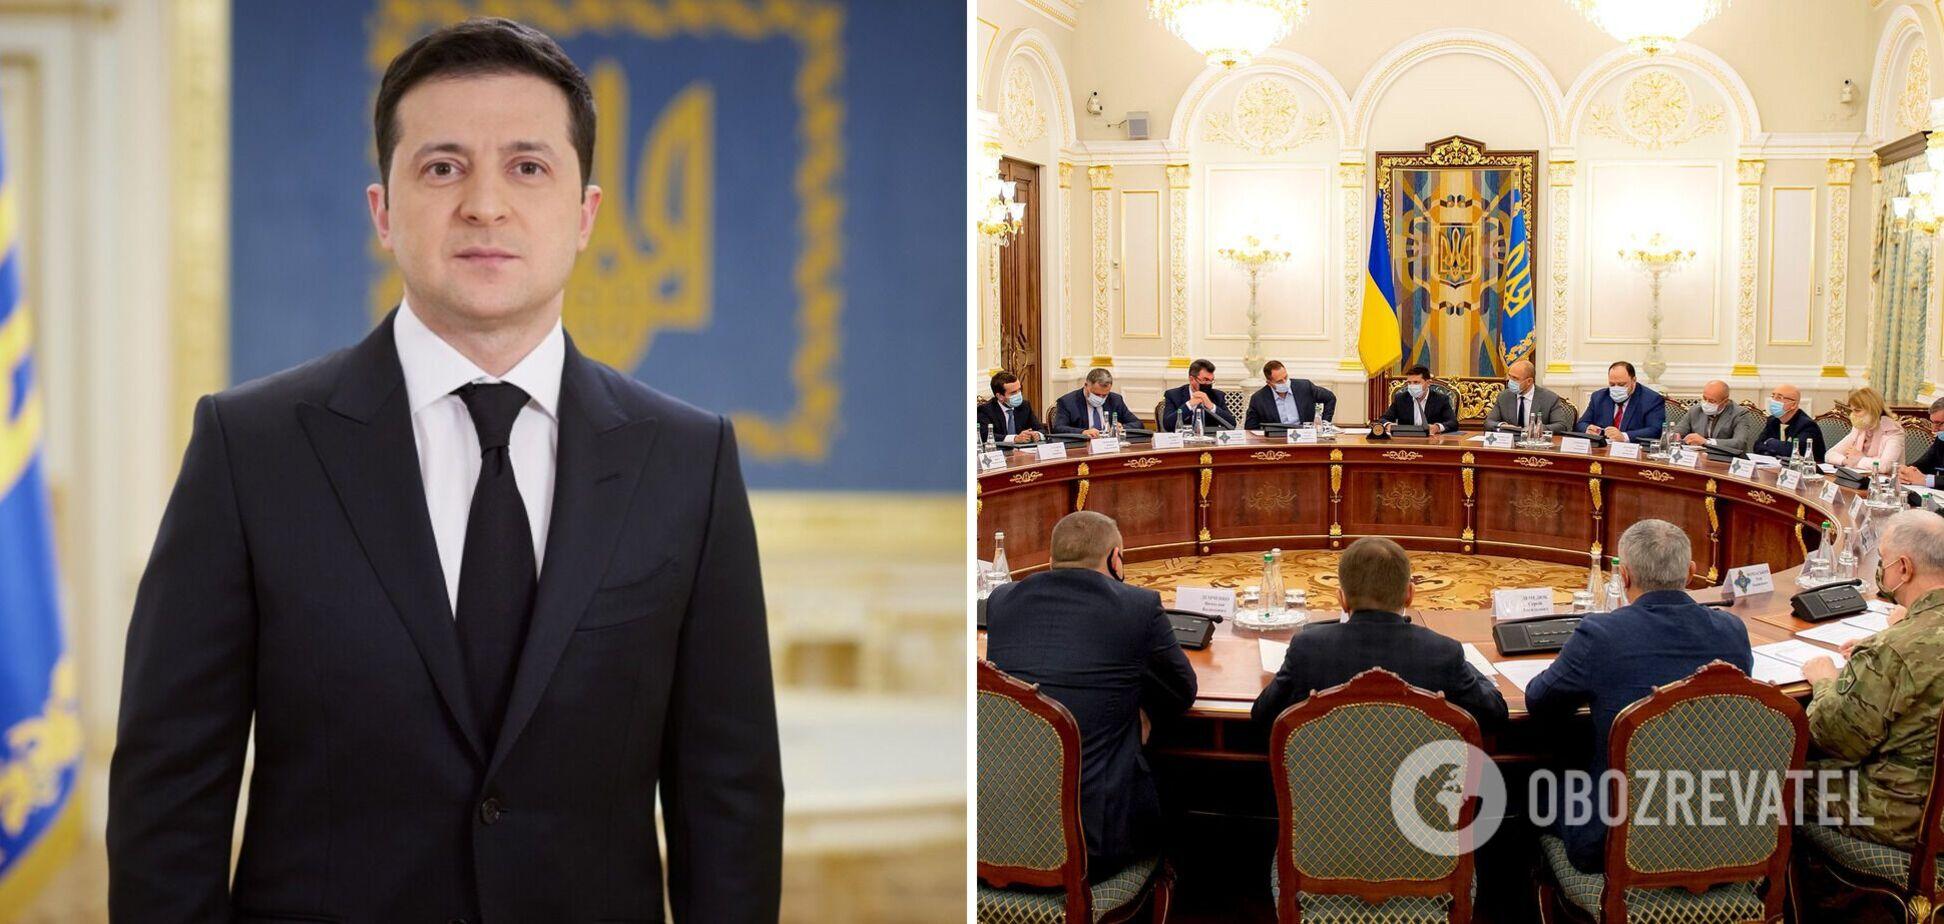 Зеленский раскрыл детали заседания СНБО: армия, олигархи и новые санкции